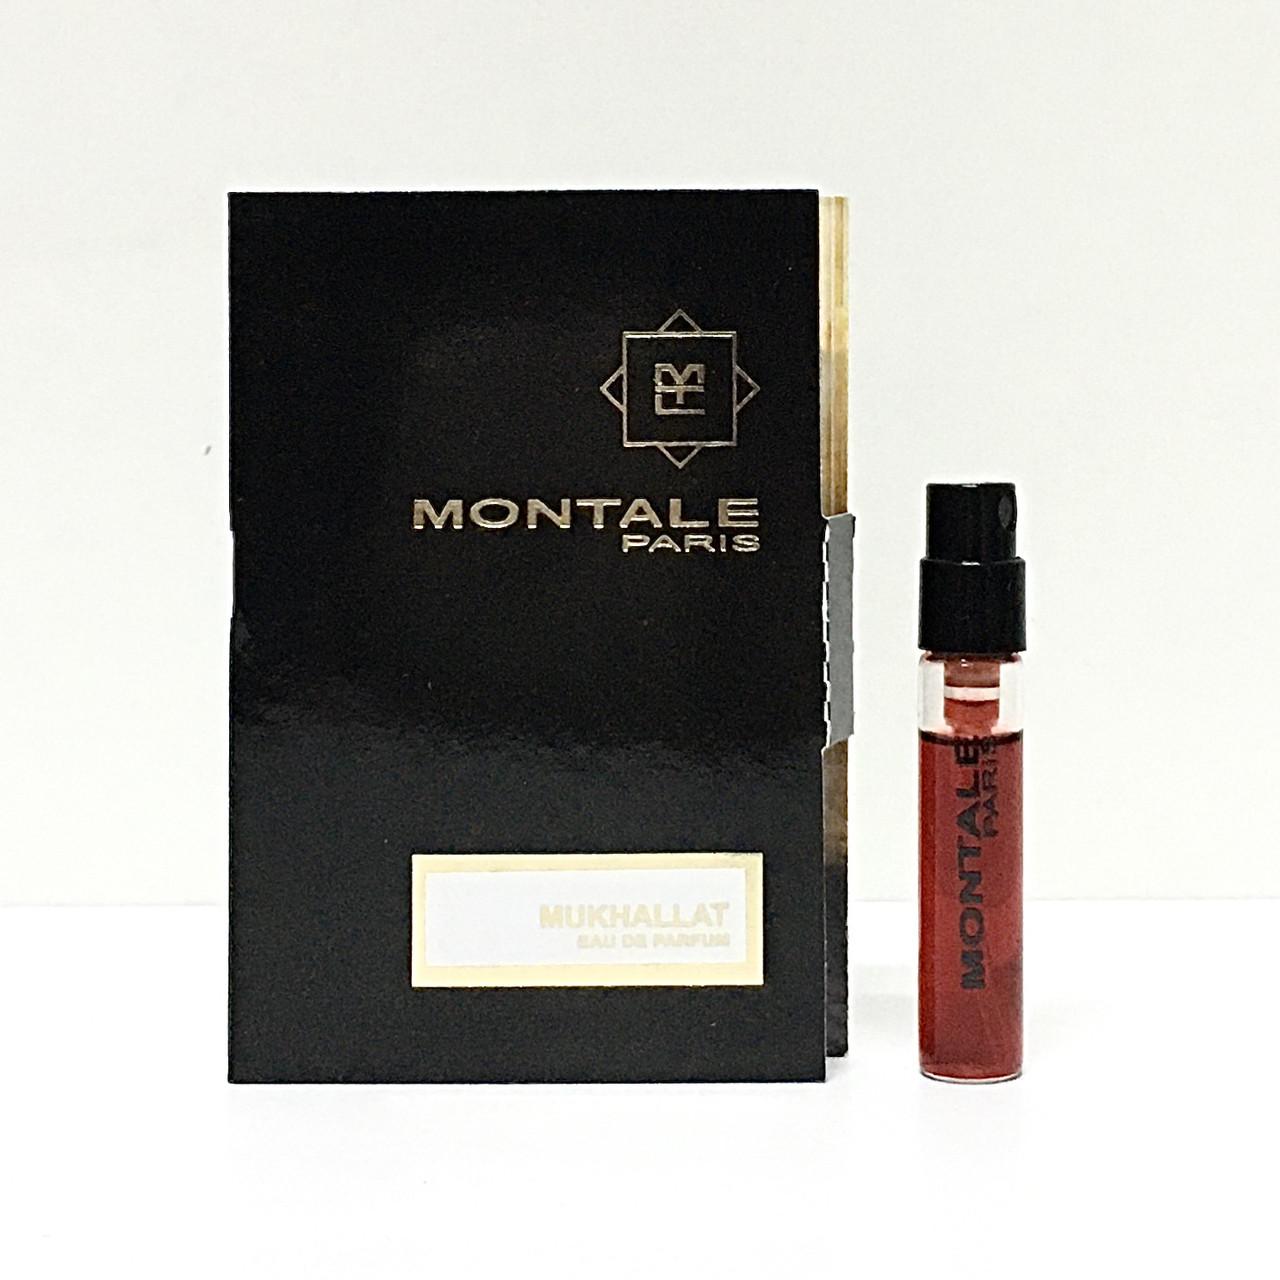 Нишевая парфюмированная вода MONTALE Mukhallat 2ml пробник (Мукхаллат) ОРИГИНАЛ, восточный фруктовый аромат